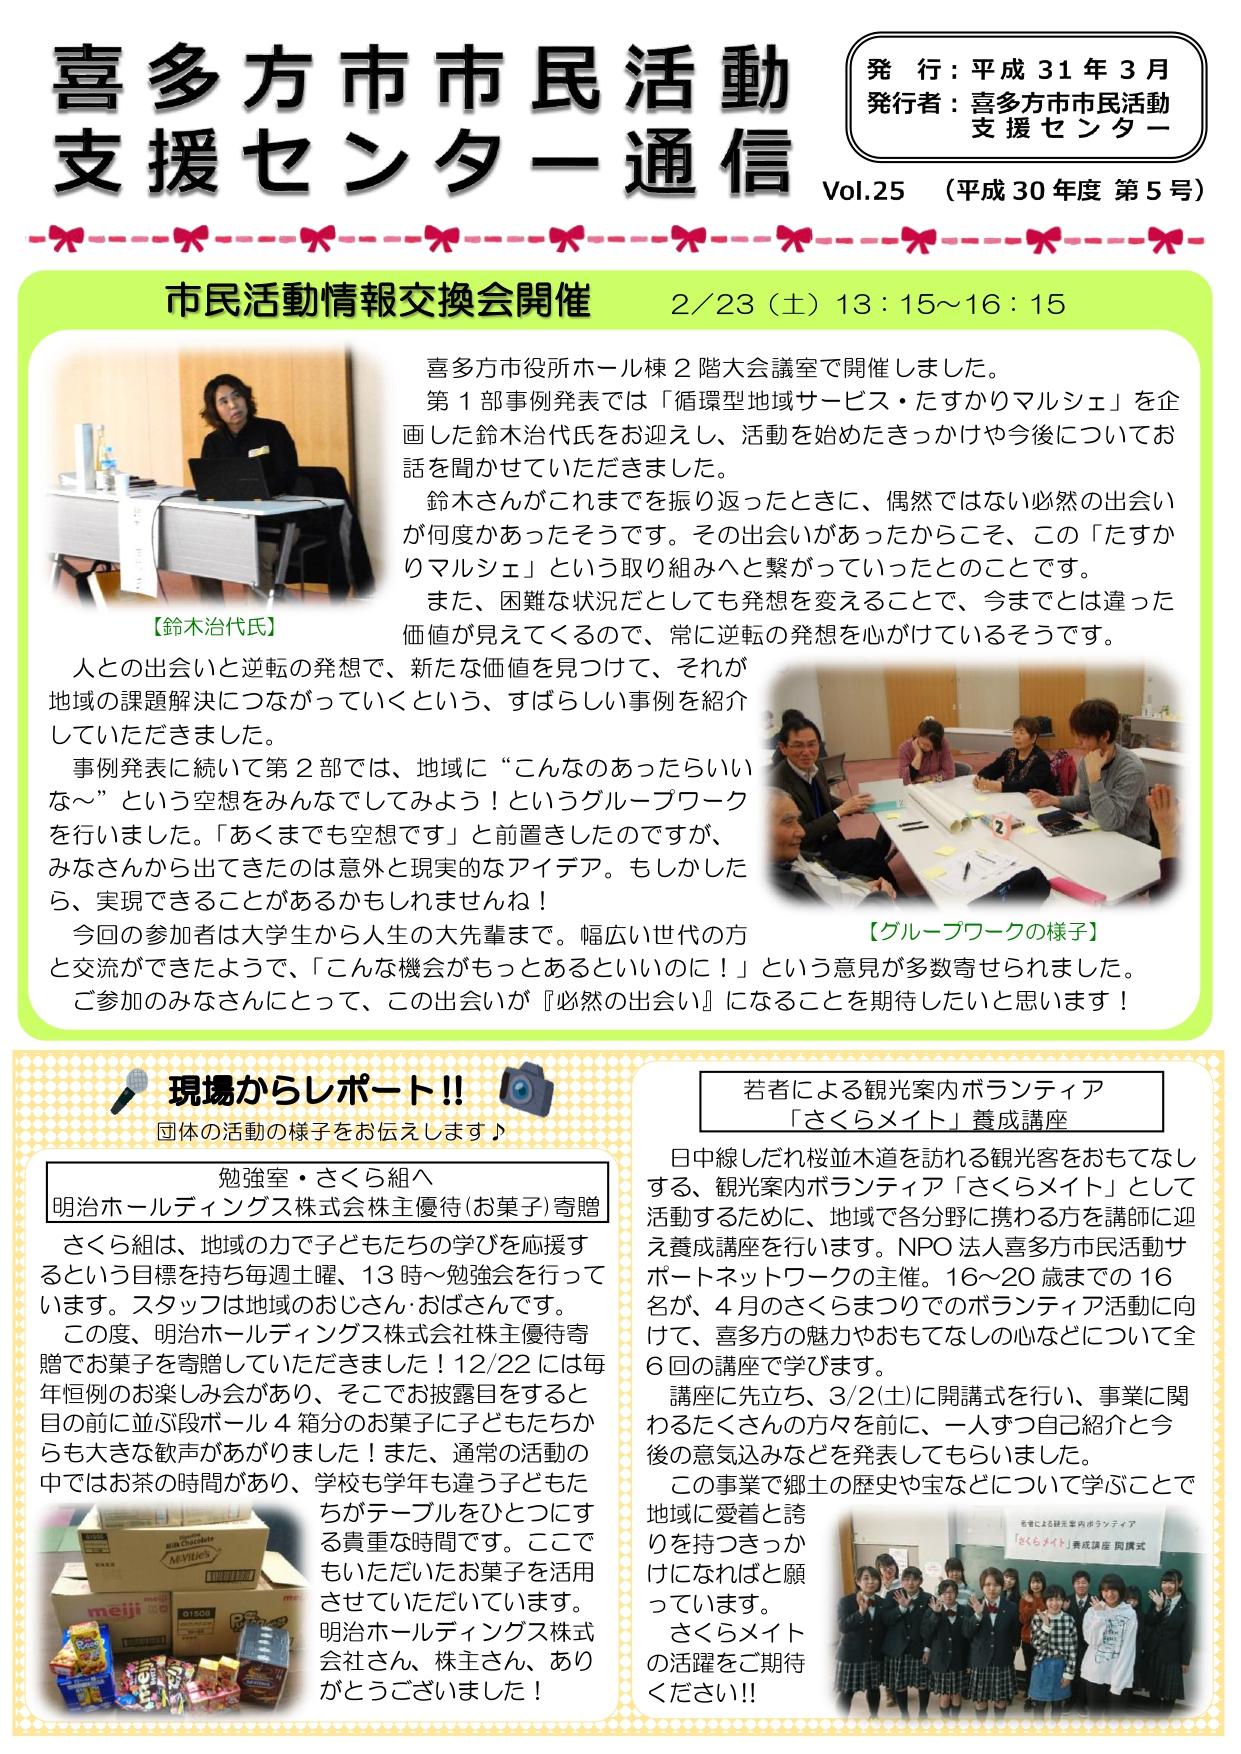 喜多方市市民活動支援センター通信 平成30年度第5号(Vol.25)